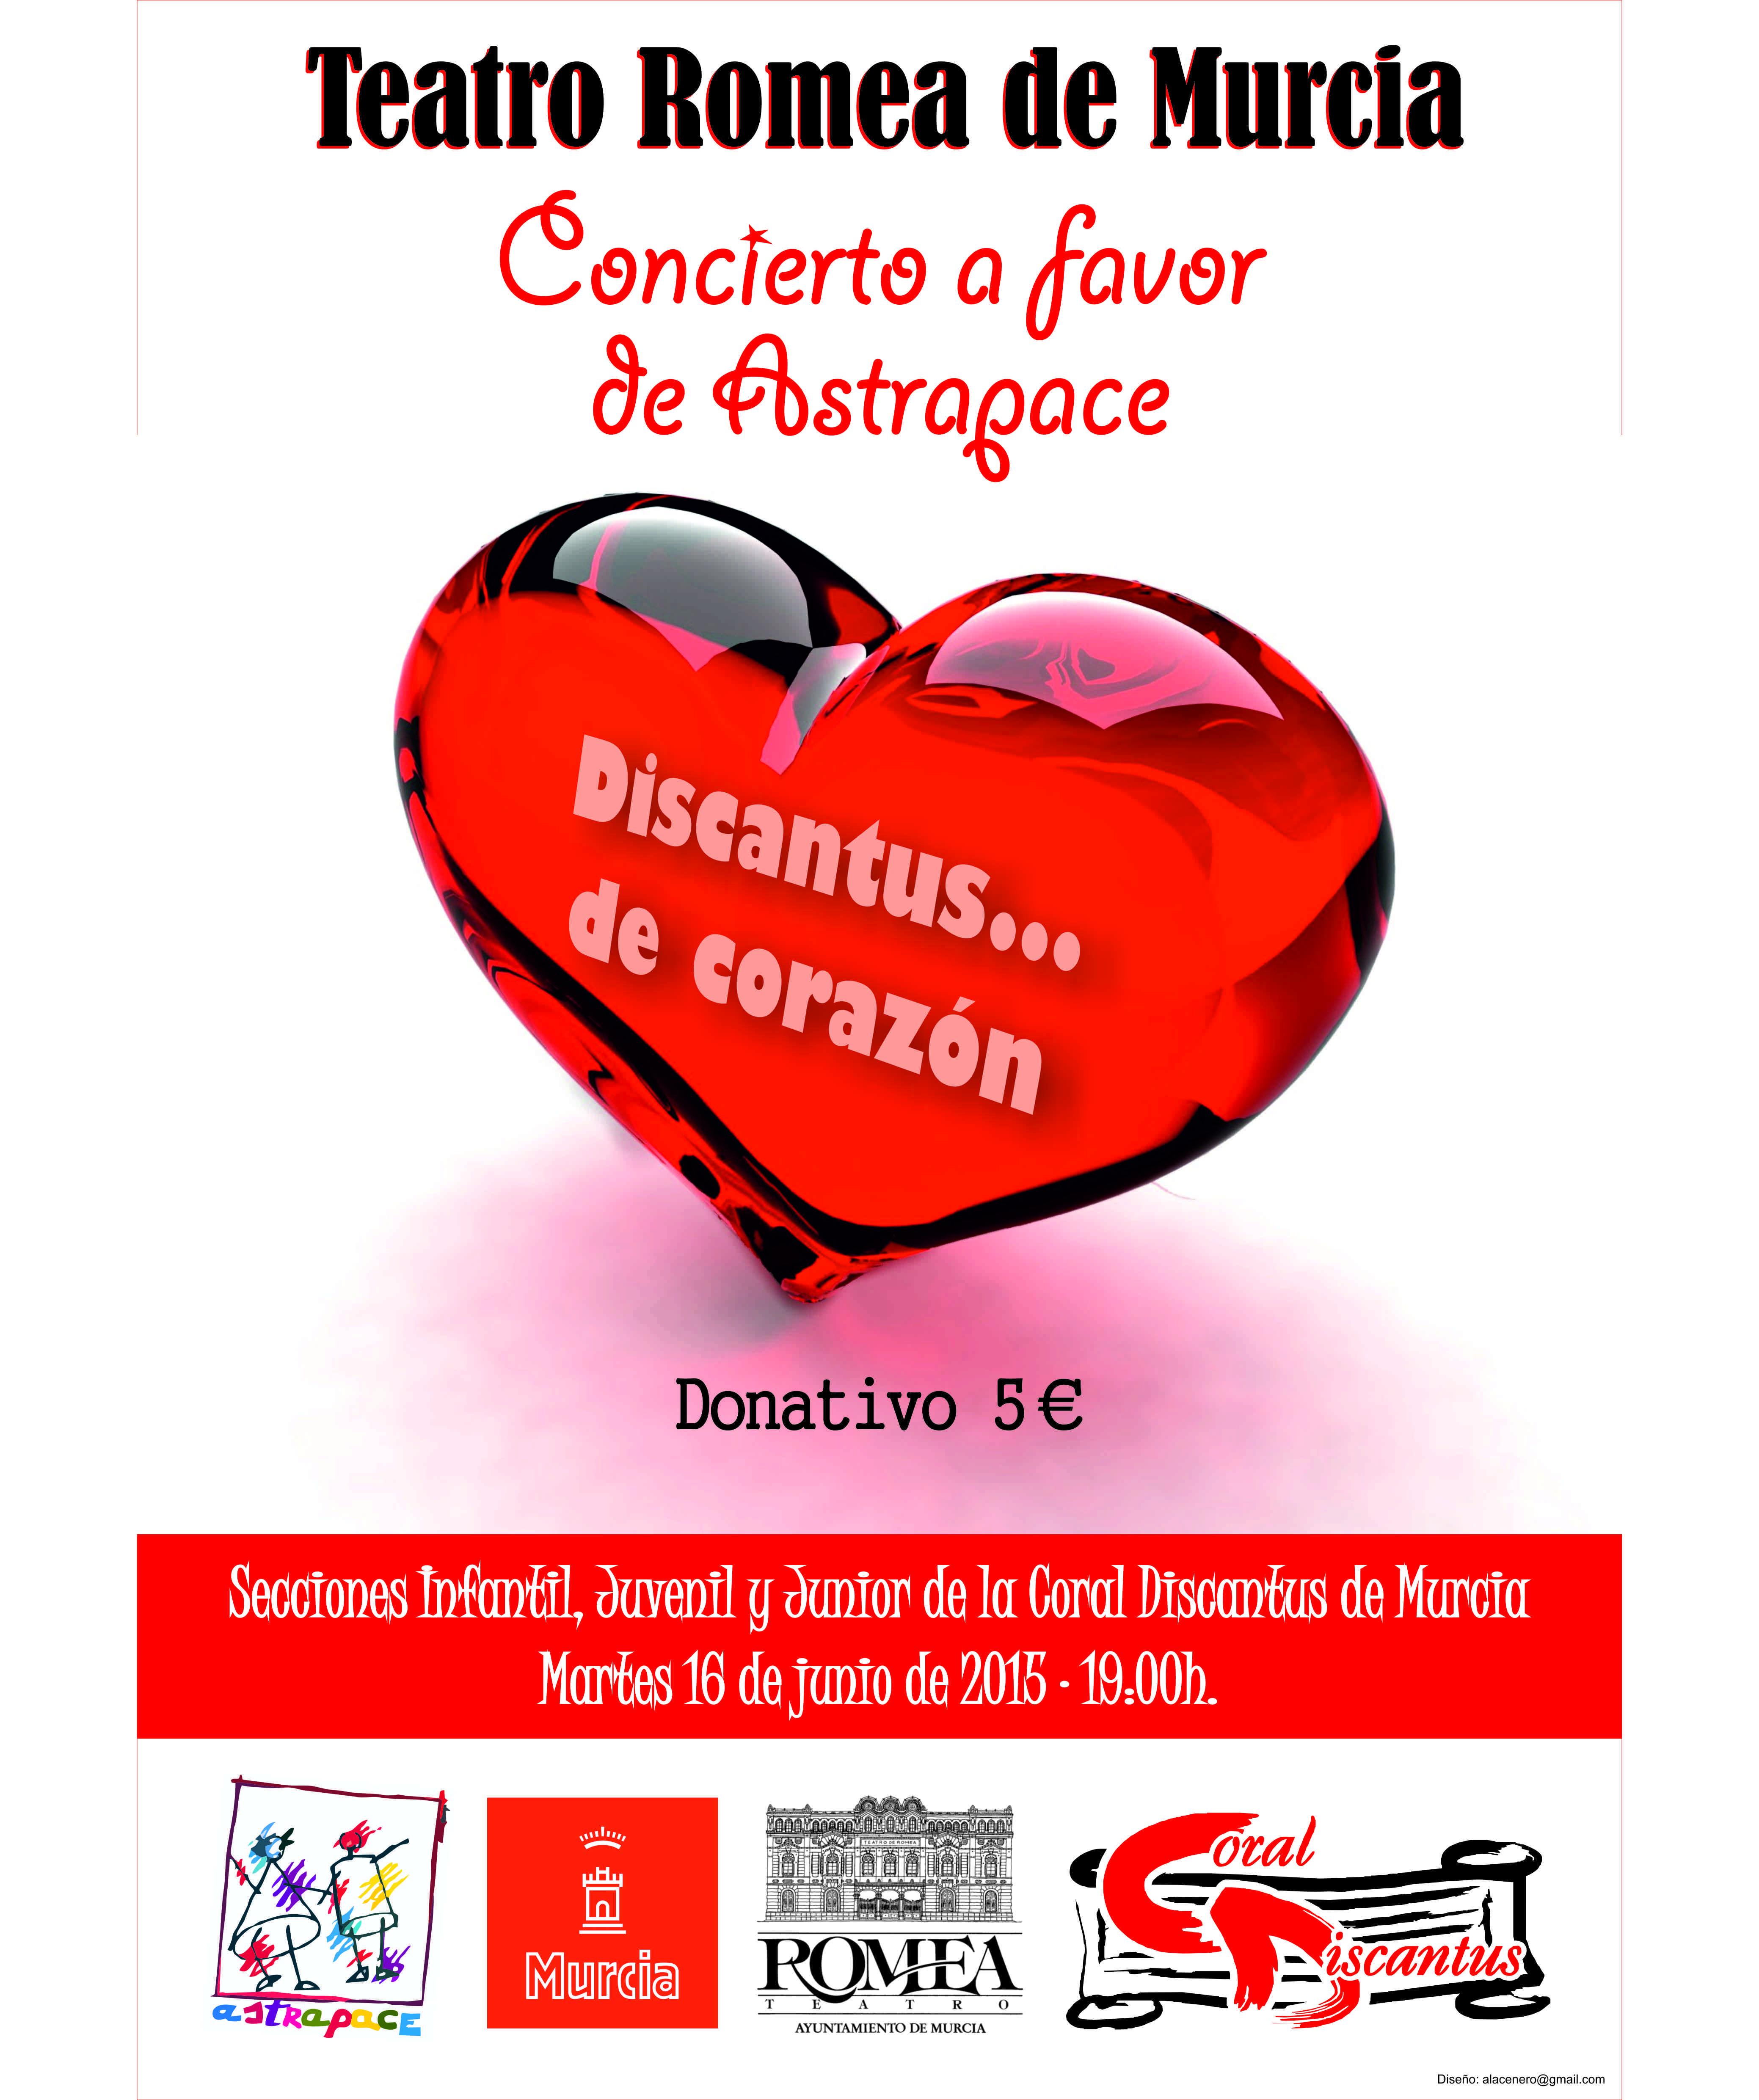 Discantus de corazon 3